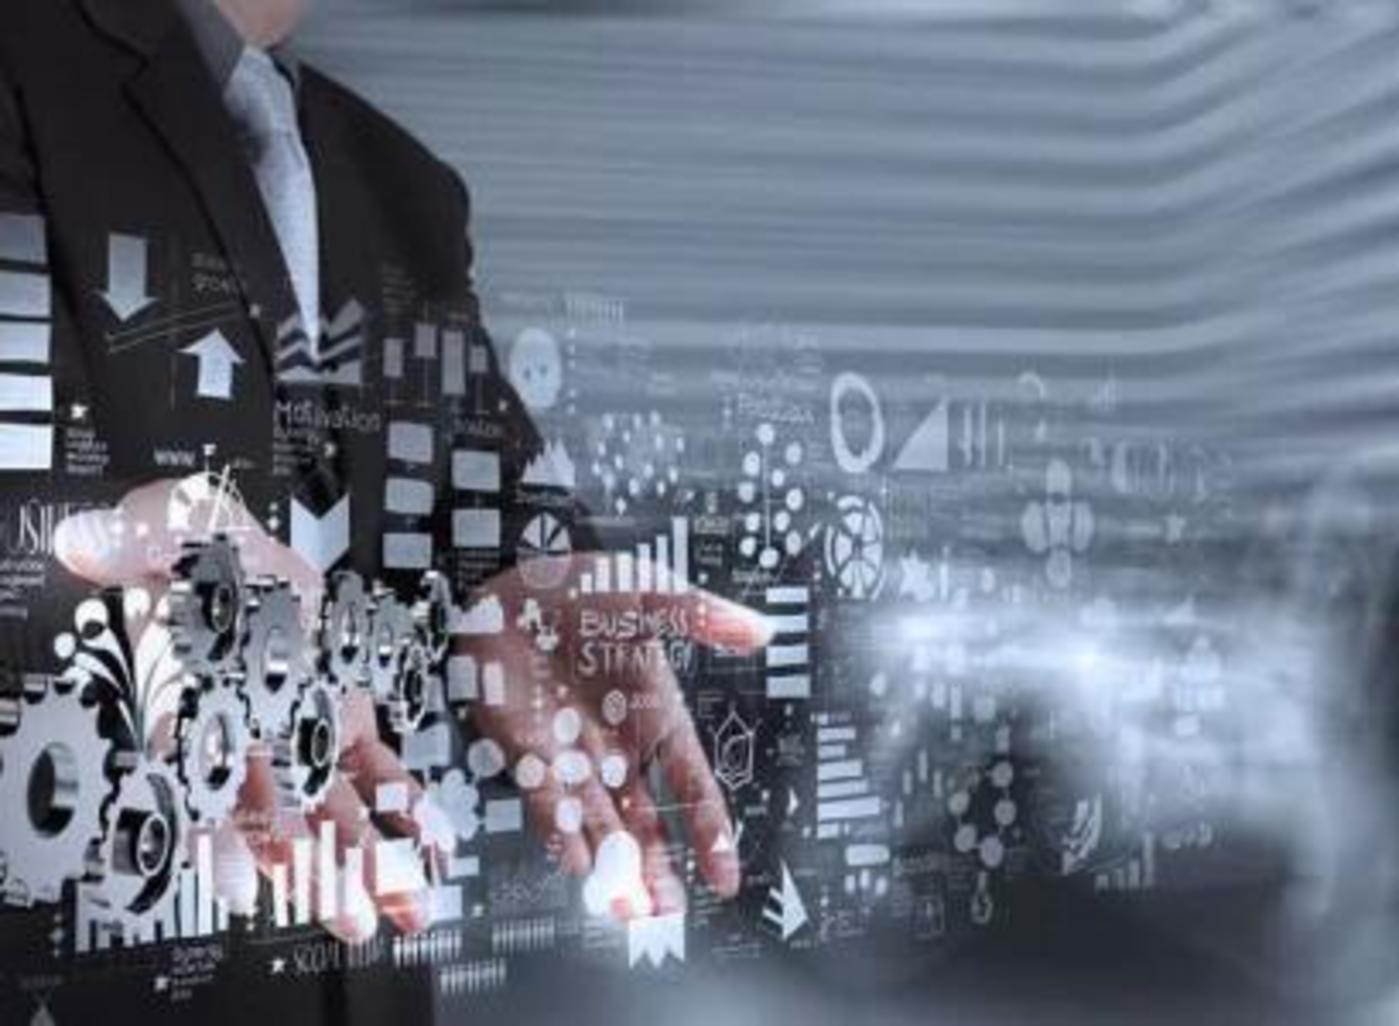 正在匹配资金方啥意思:大数据建模、实时资金匹配、纯线上获客,一个技术公司的金融服务探索